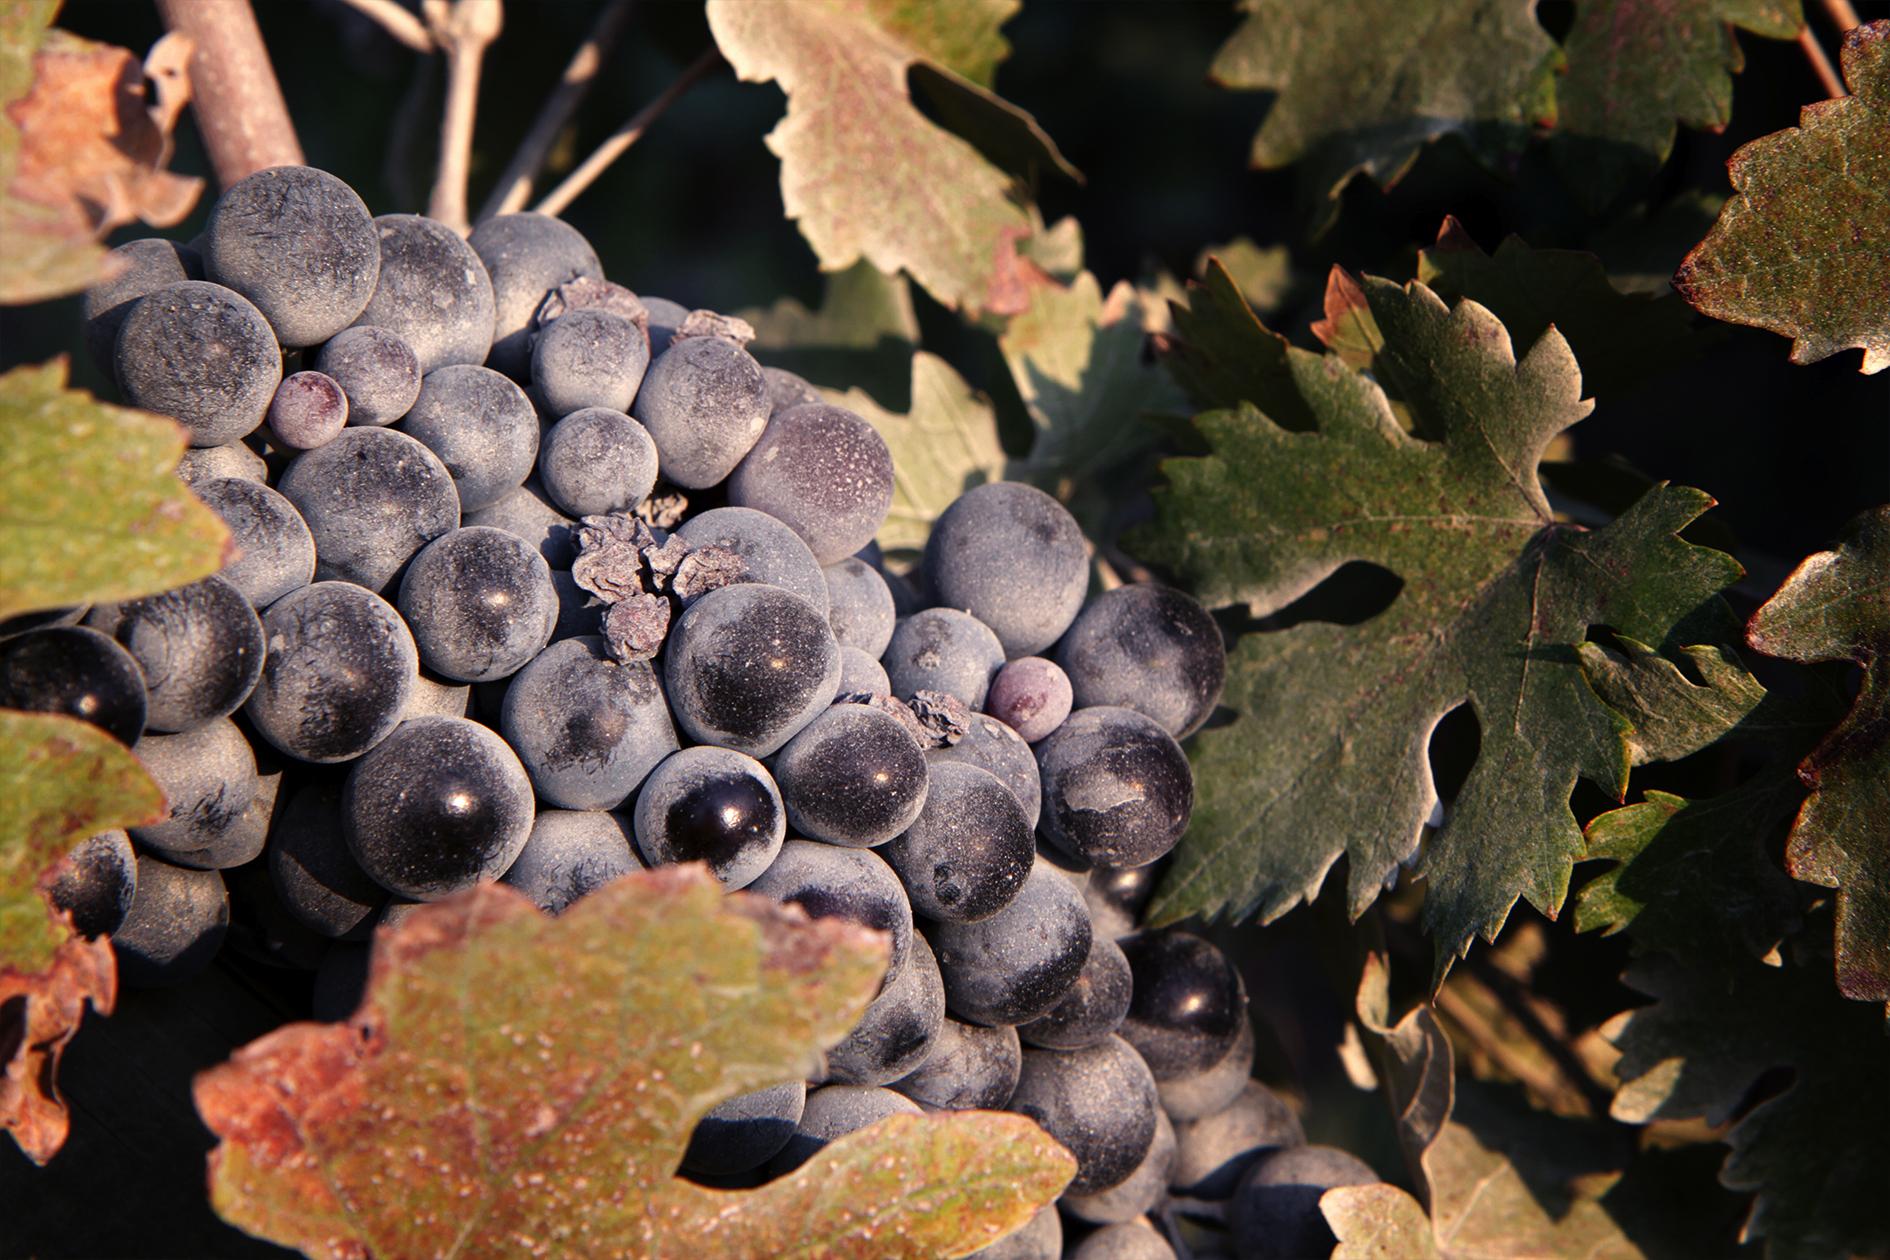 jason-b-graham-grapes-uzum-0020